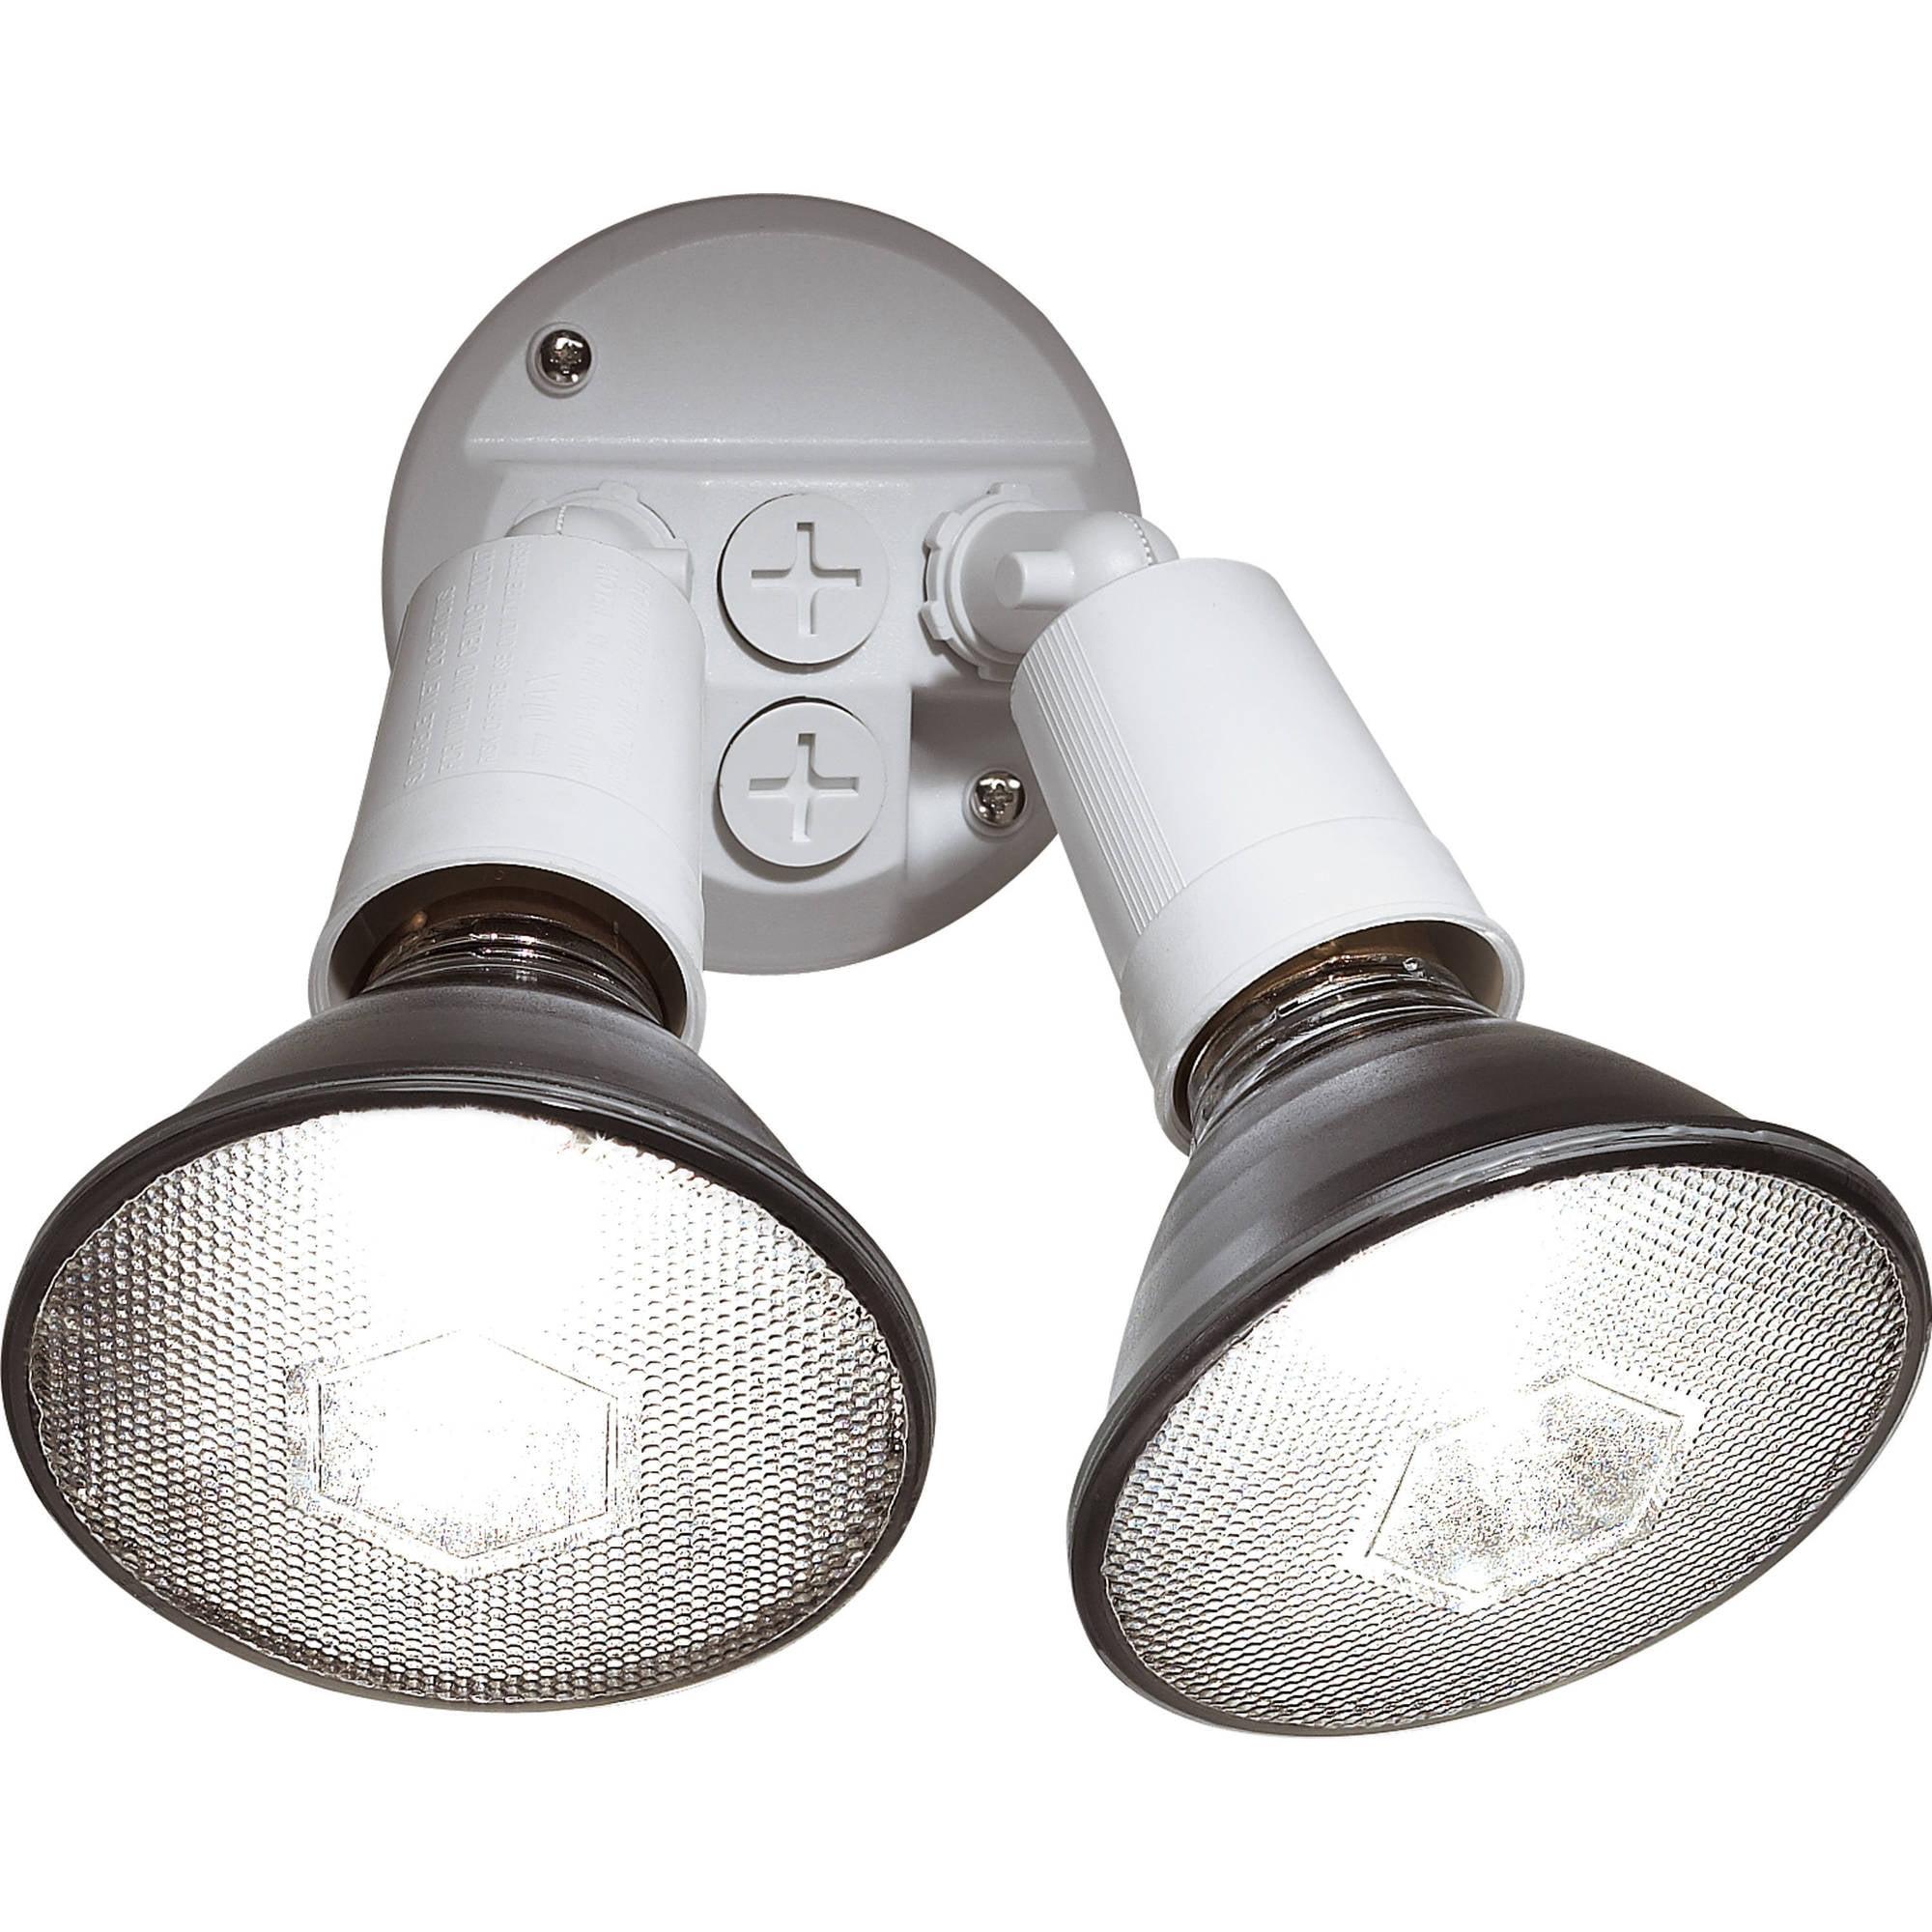 Brinks 2-Head Flood Security Light